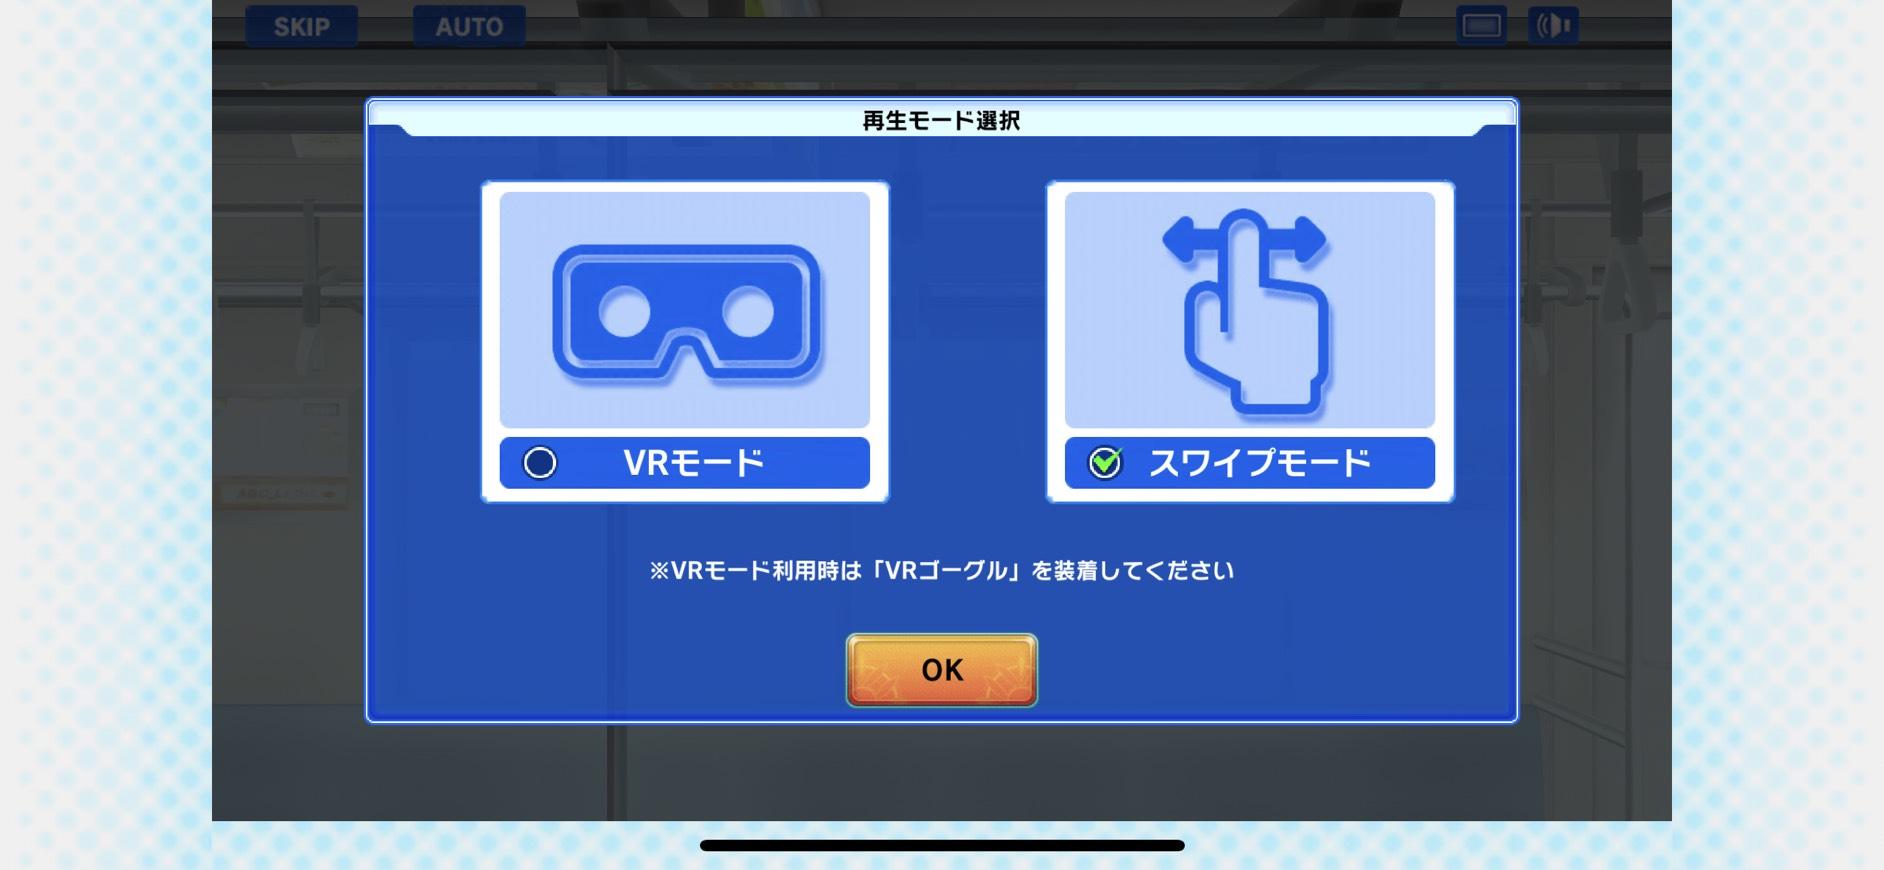 ハニーブレイド2 VRとスワイプ